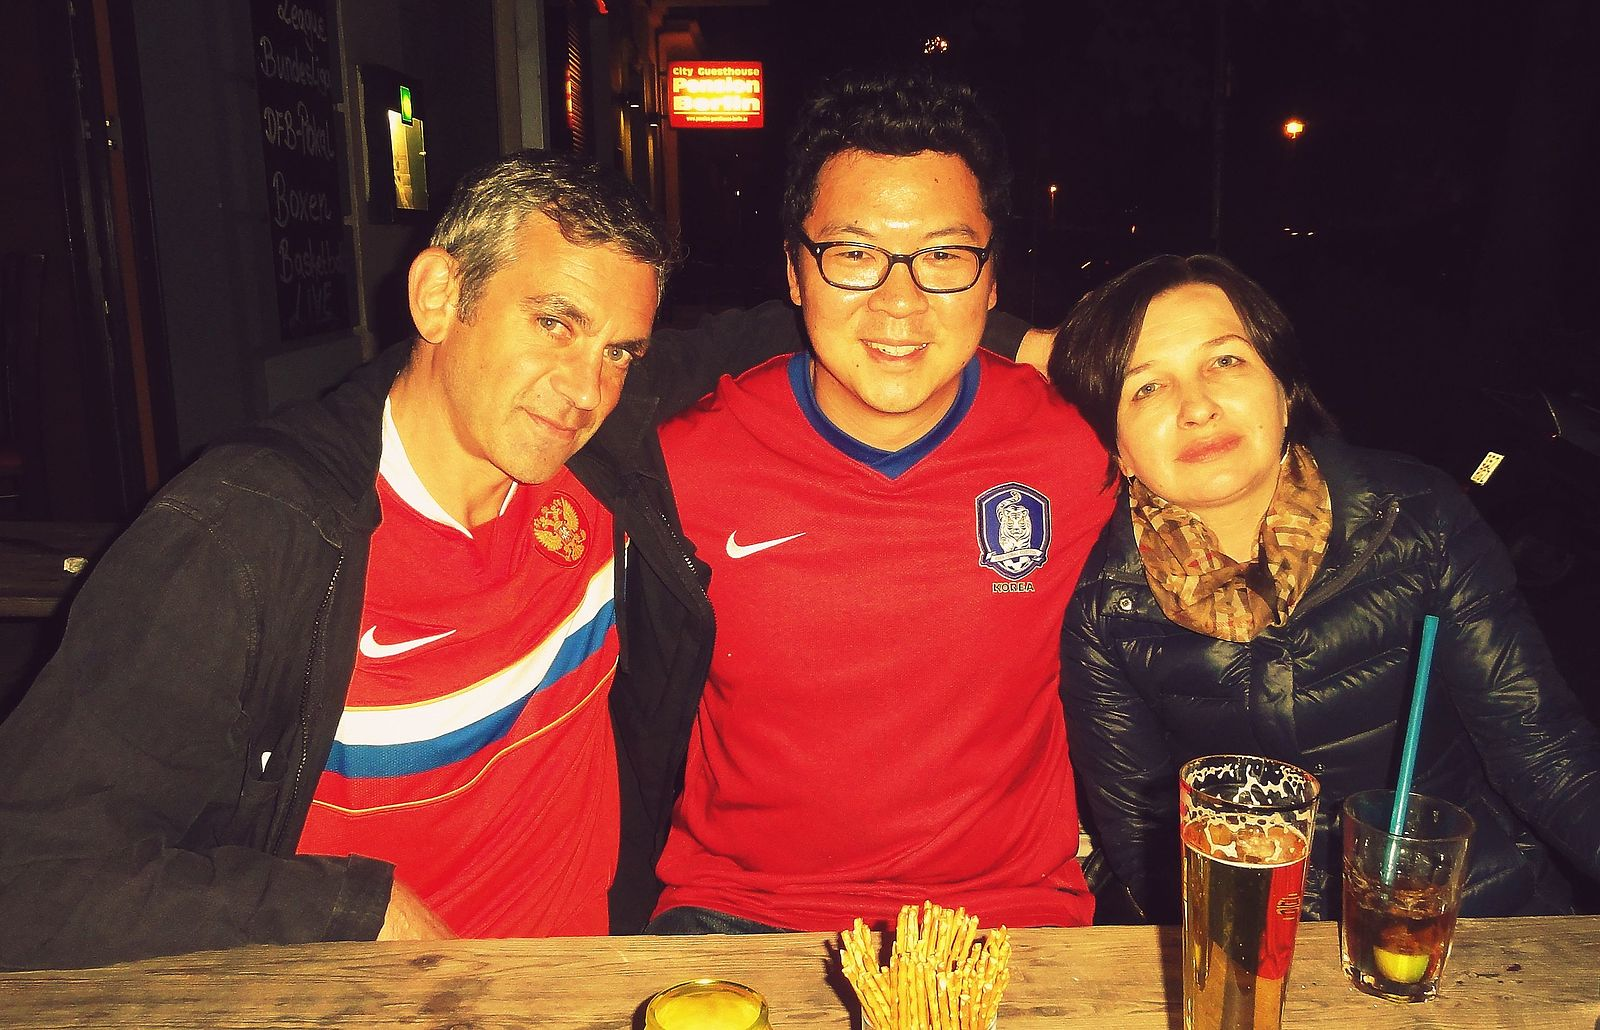 Wladimir (l) und Olga (r) Kaminer / Foto: Gerdster / die Person in der Mitte ist ein Freund des Autors und für unseren Blog nicht relevant